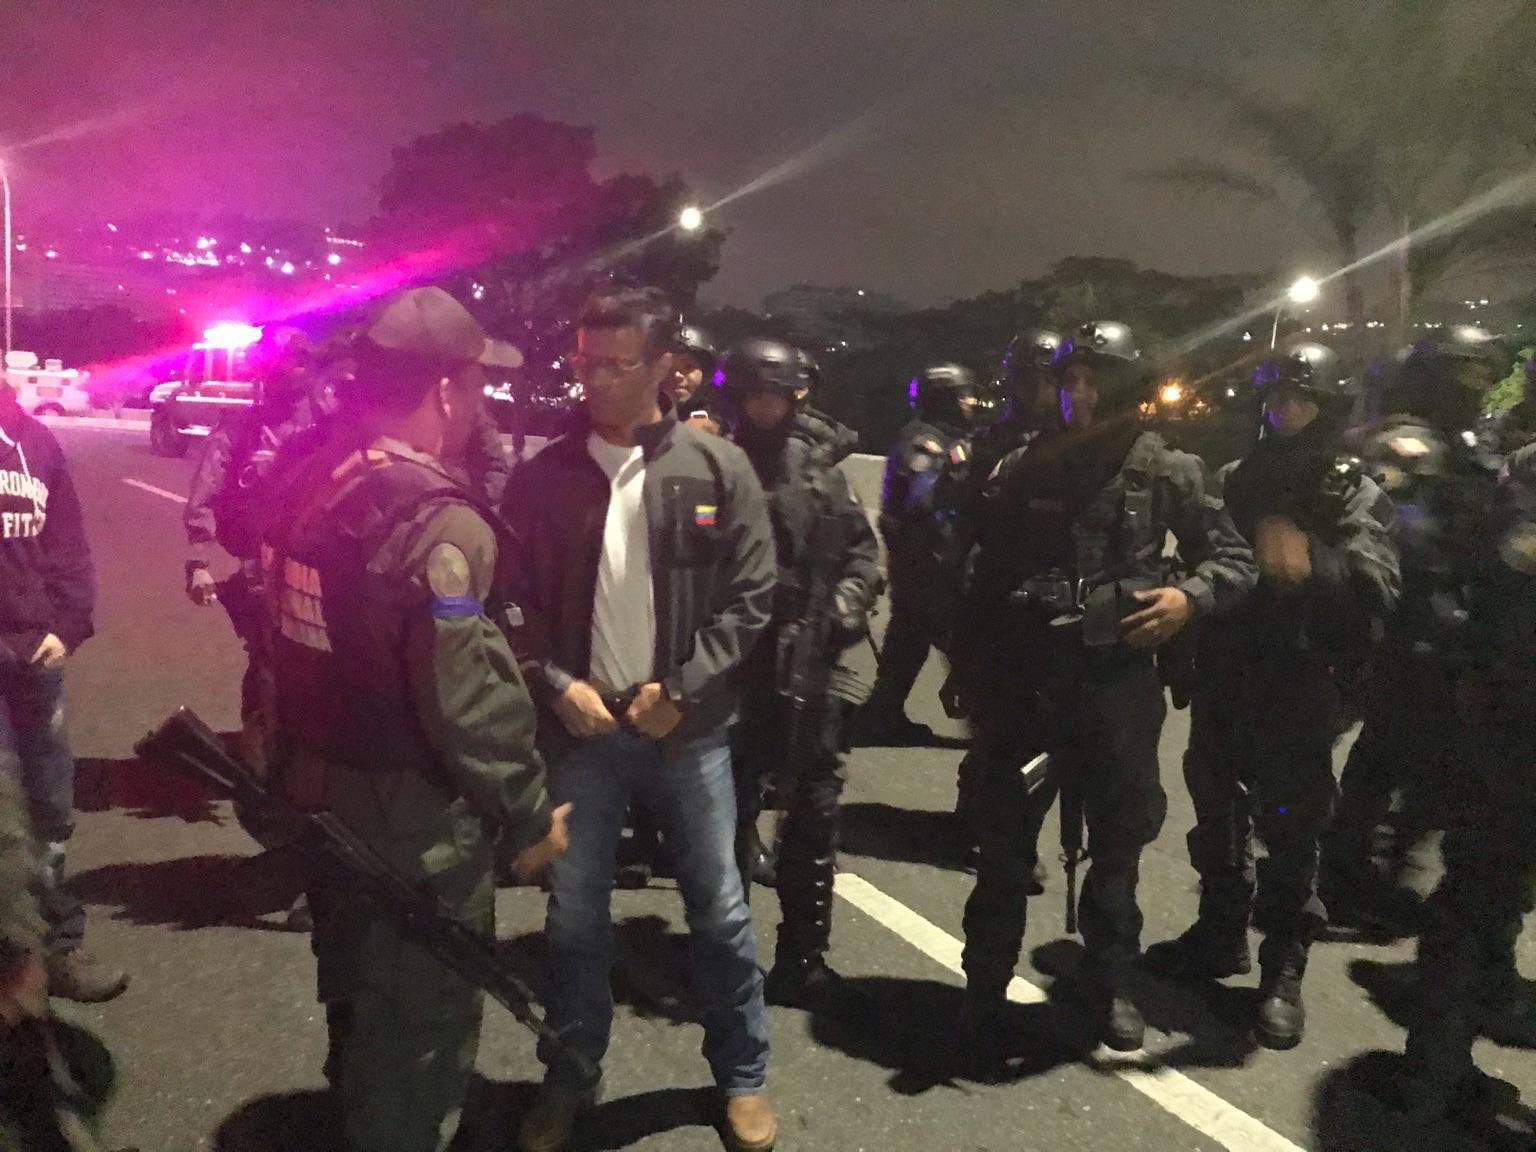 Un grupo de las Fuerzas Armadas bajo el mando de Juan Guaidó liberó al líder opositor Leopoldo Lopez